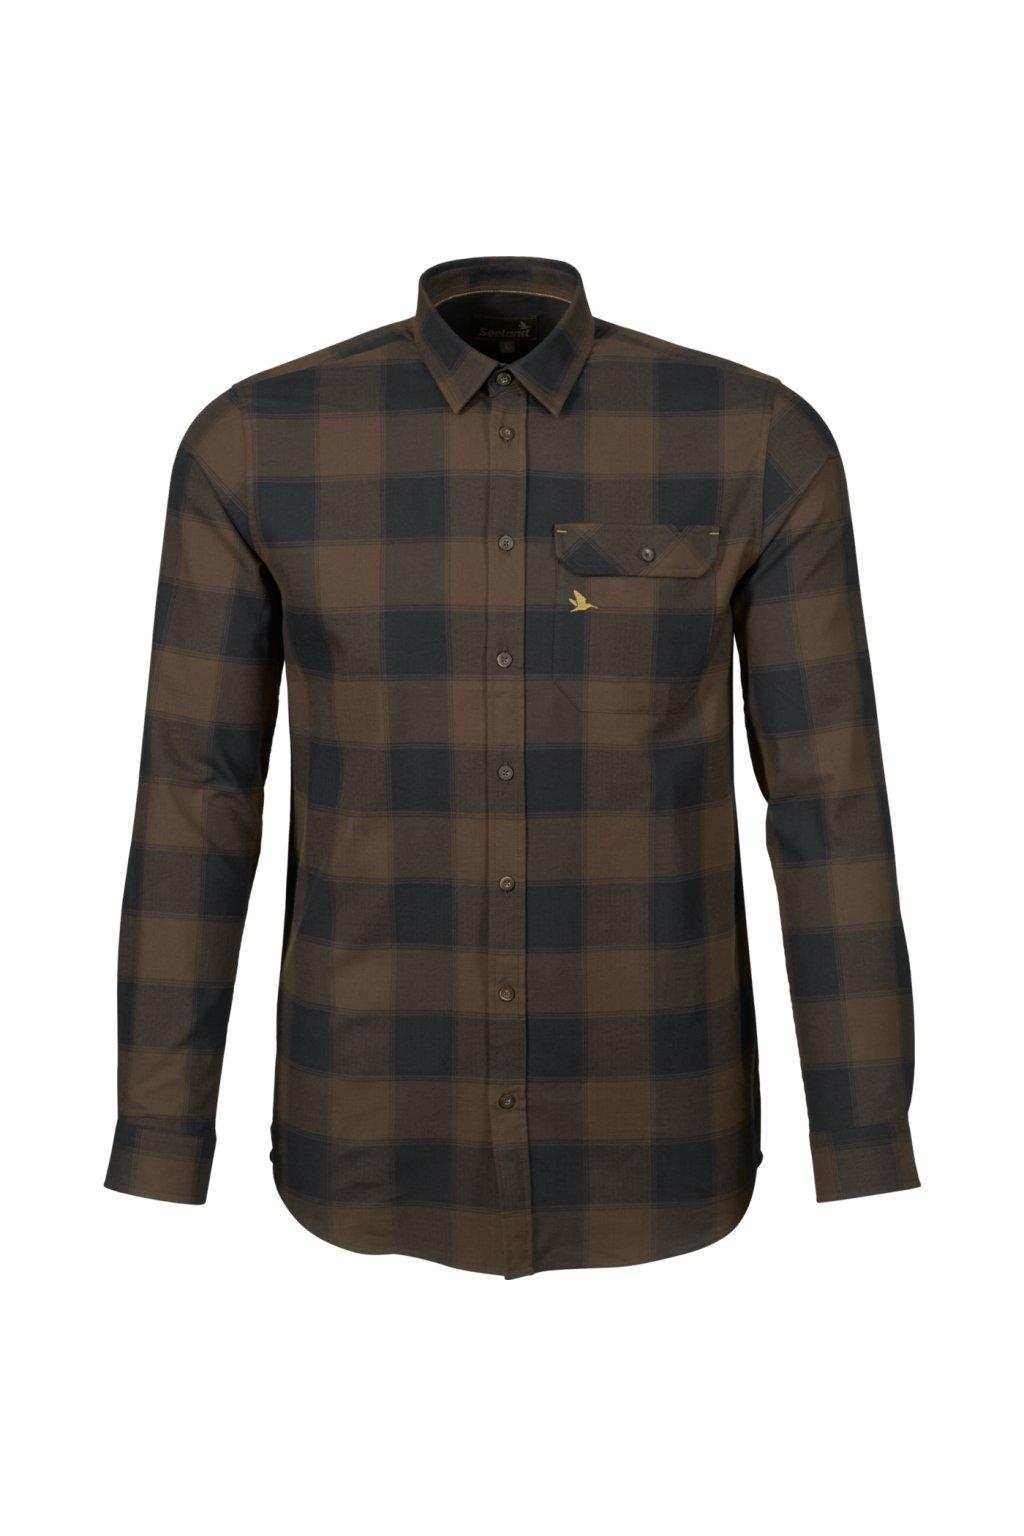 Seeland - Highseat košile pánská hnědá